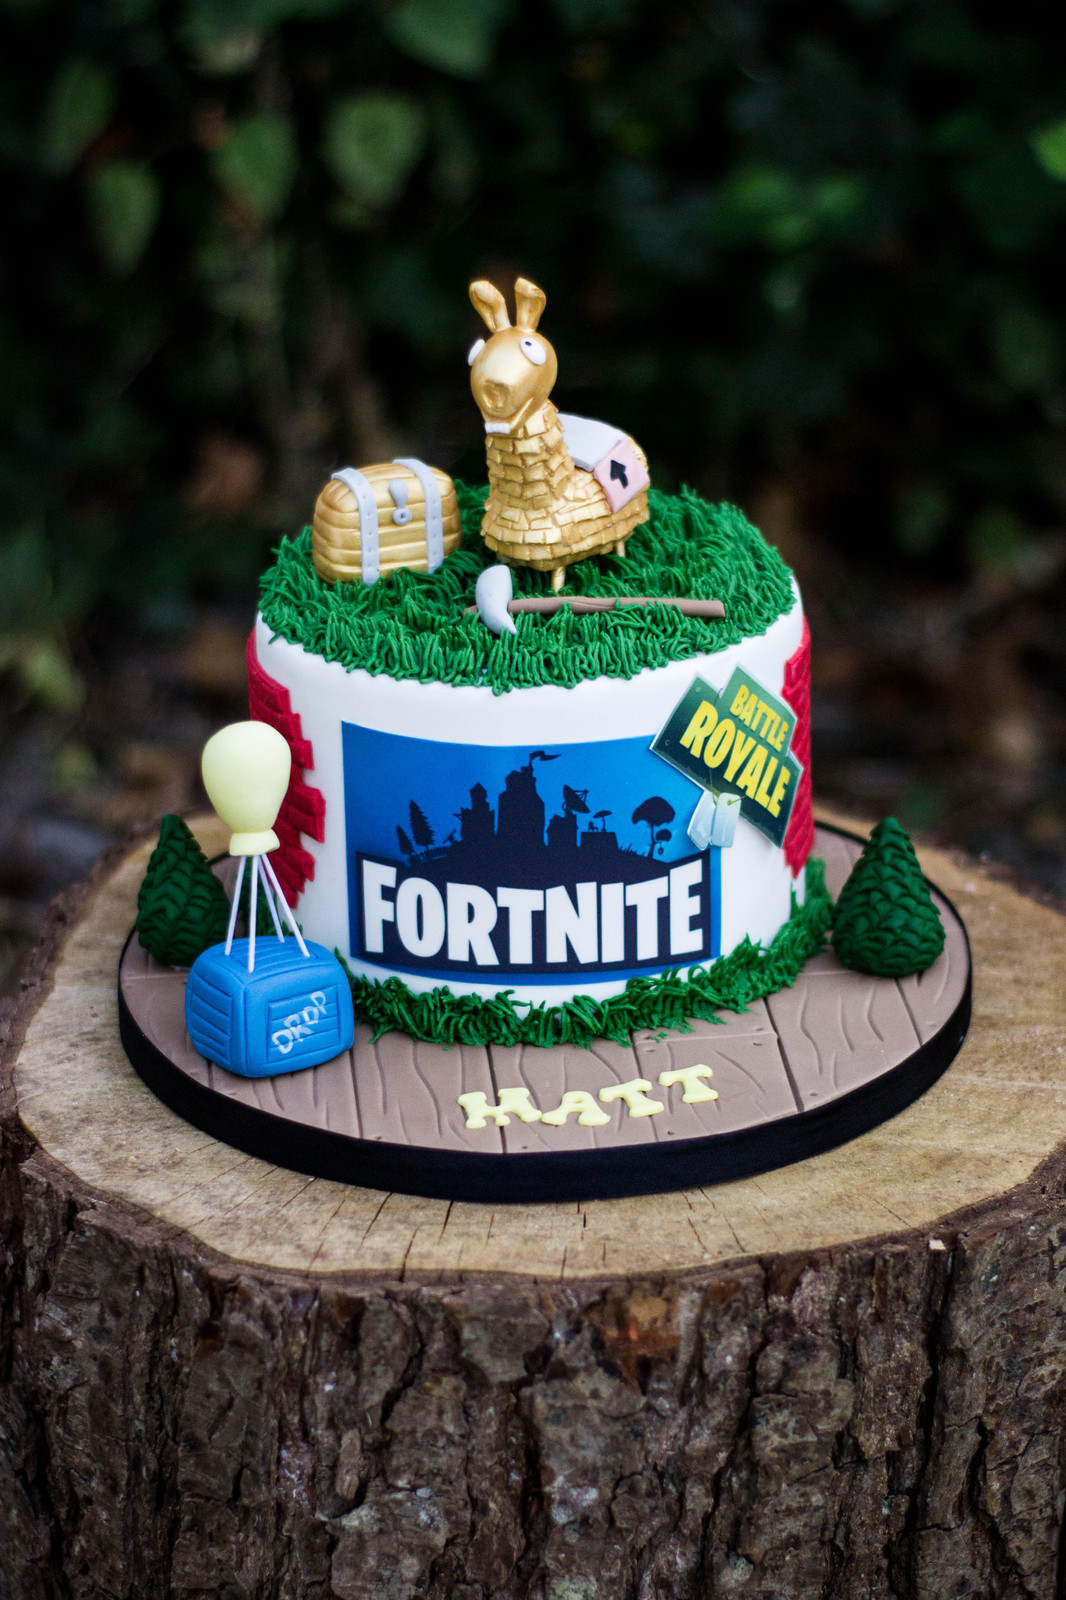 Fortnite Cake | Fortnite Aimbot Hack Xbox